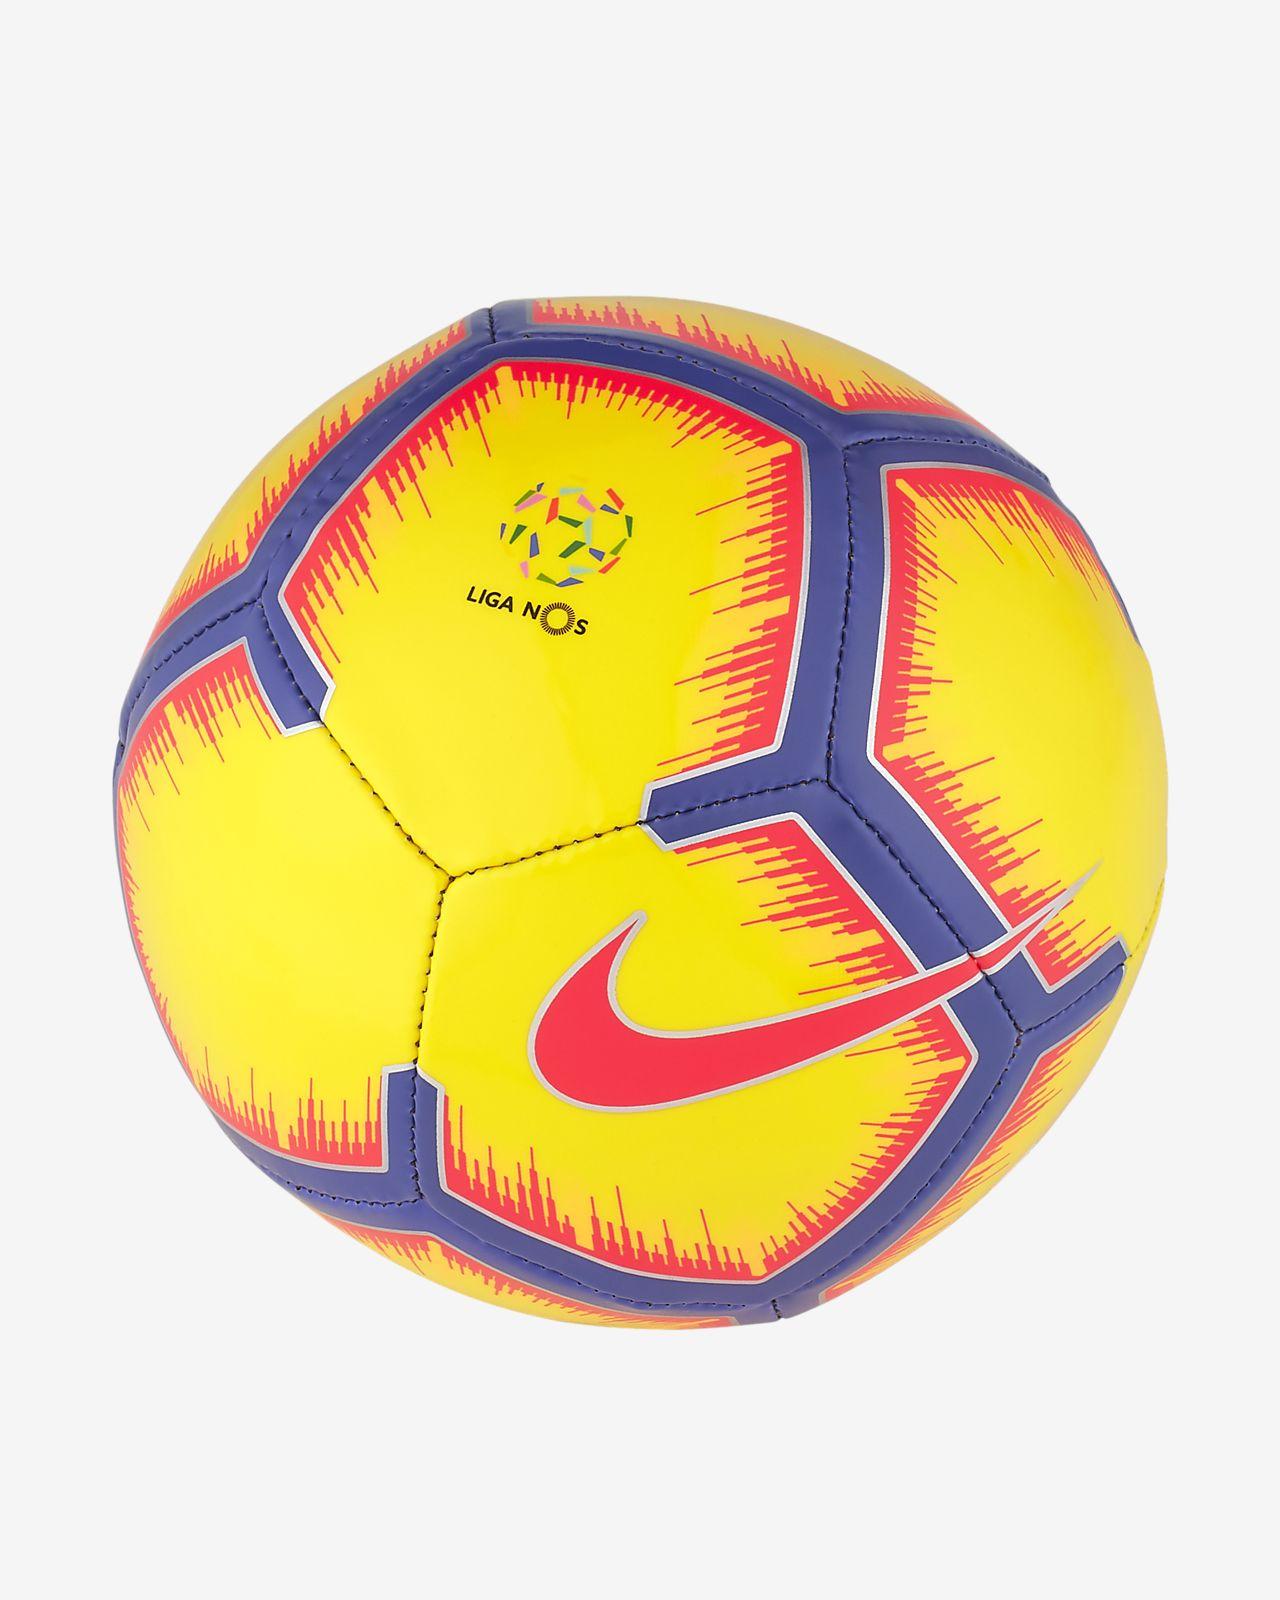 Balón de fútbol Liga NOS Skills